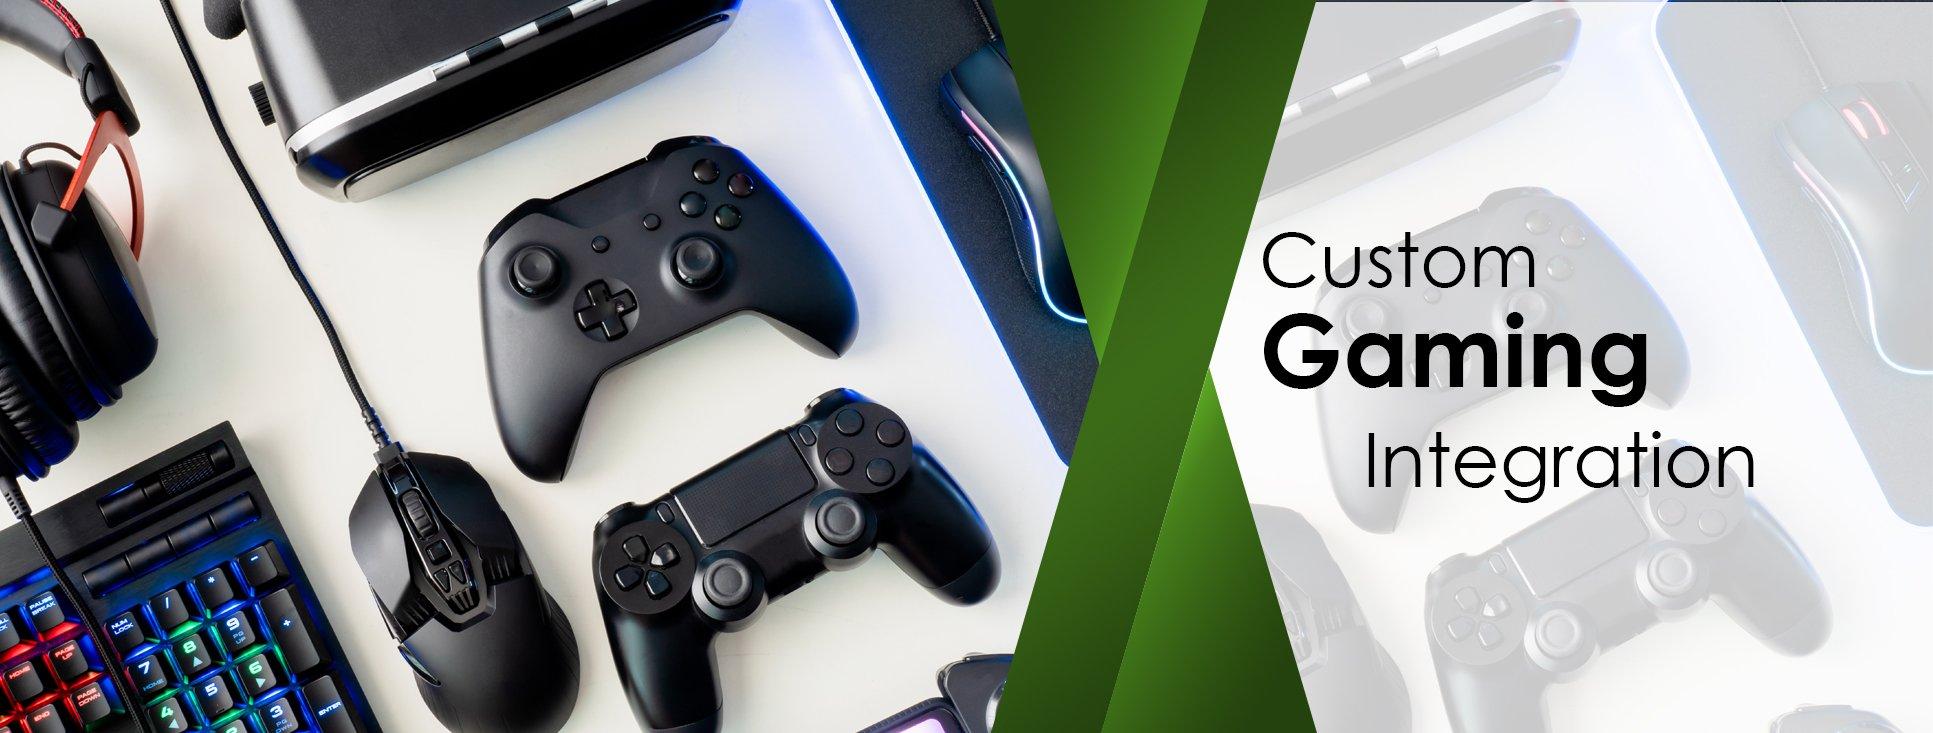 Custom Gaming Integration